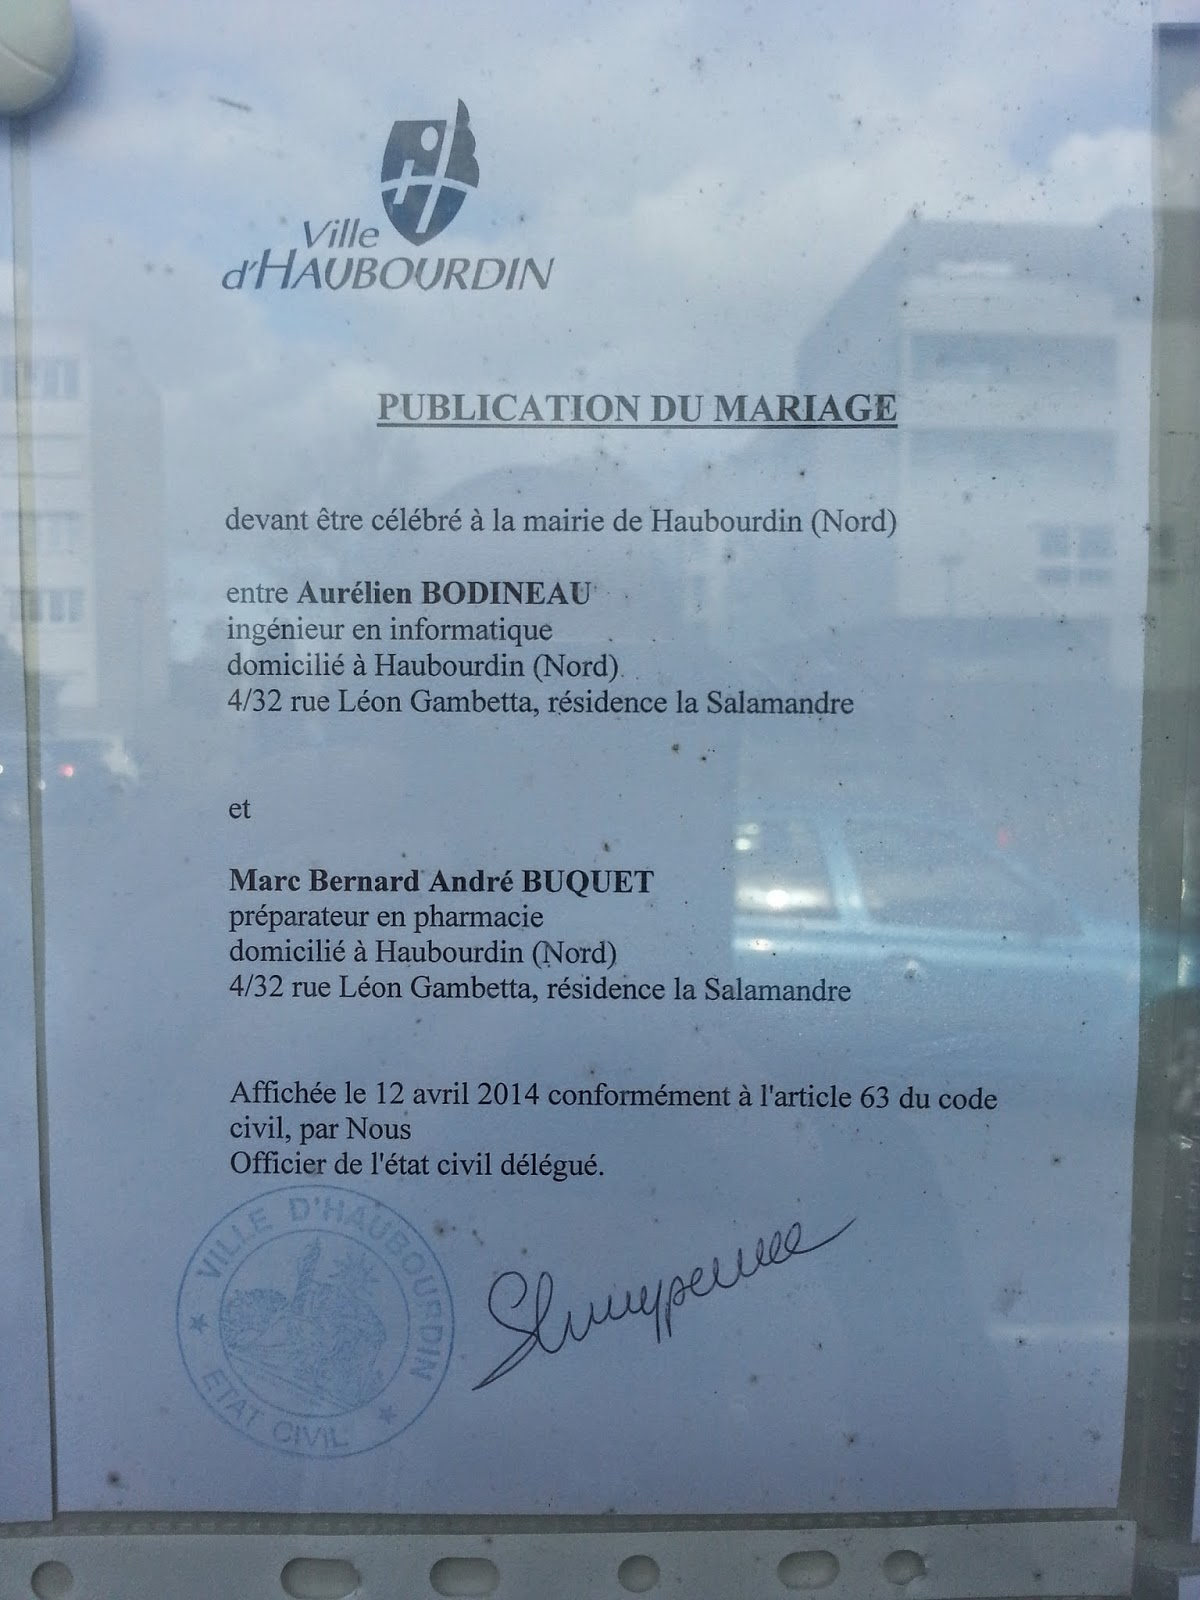 Aur lien marc 30 mai 2014 publication des bans - Publication banc mariage ...